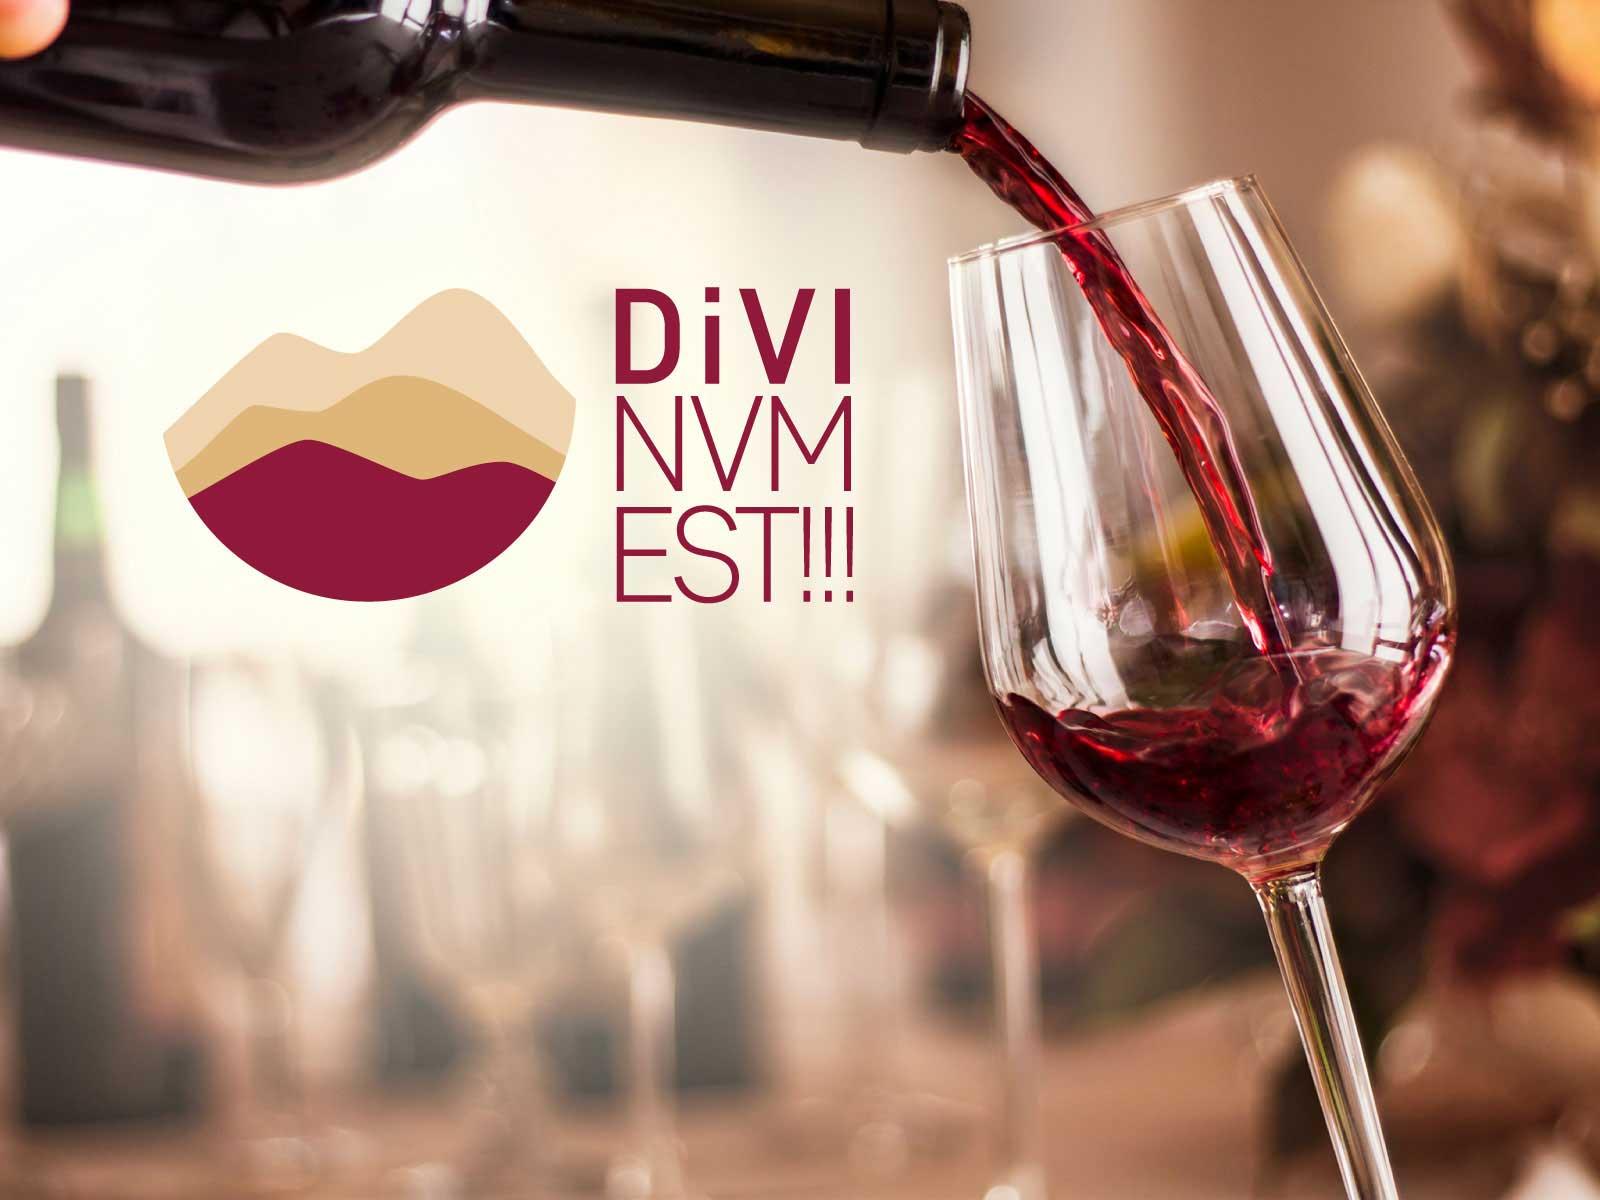 DiVinum Est !!!